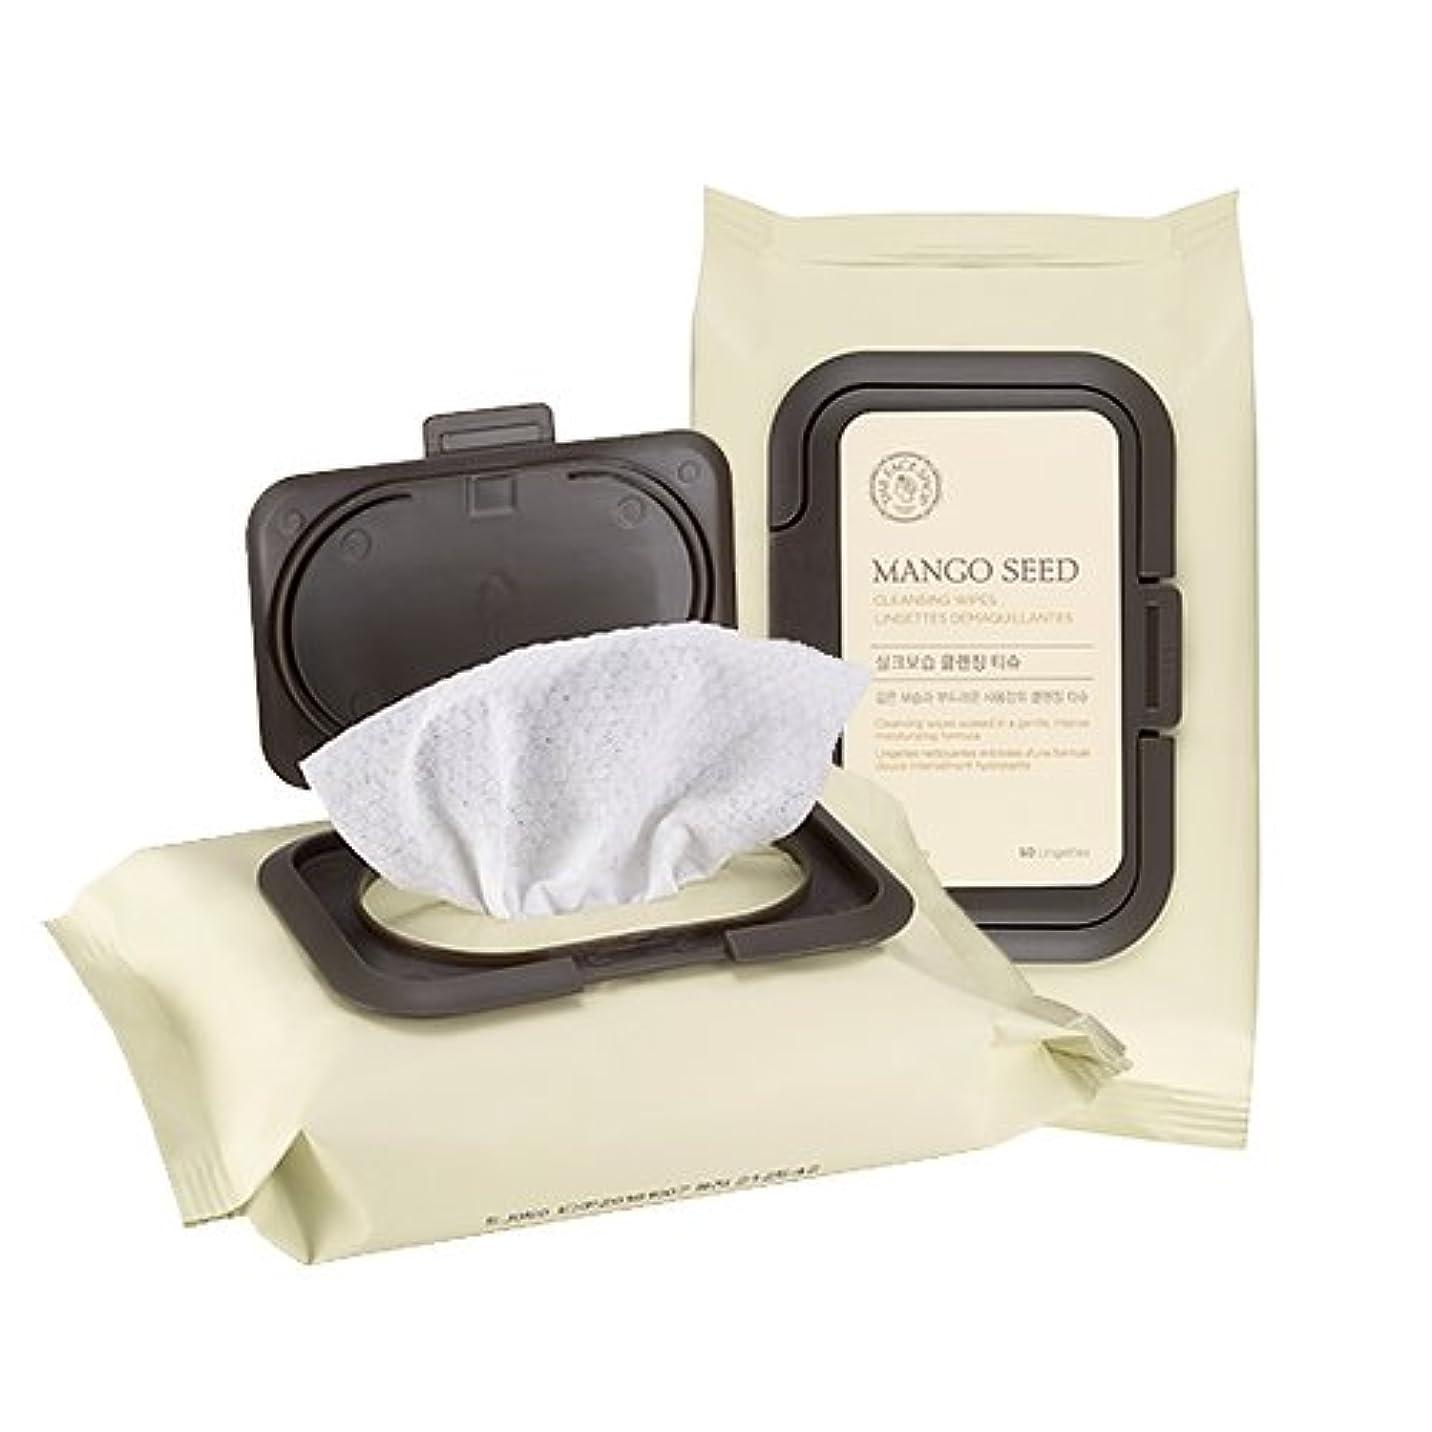 ストラップ繊維笑THE FACE SHOP Mango Seed Cleansing Tissue ザフェイスショップ マンゴシード シルク 保湿 クレンジング ティッシュ (50枚) [並行輸入品]